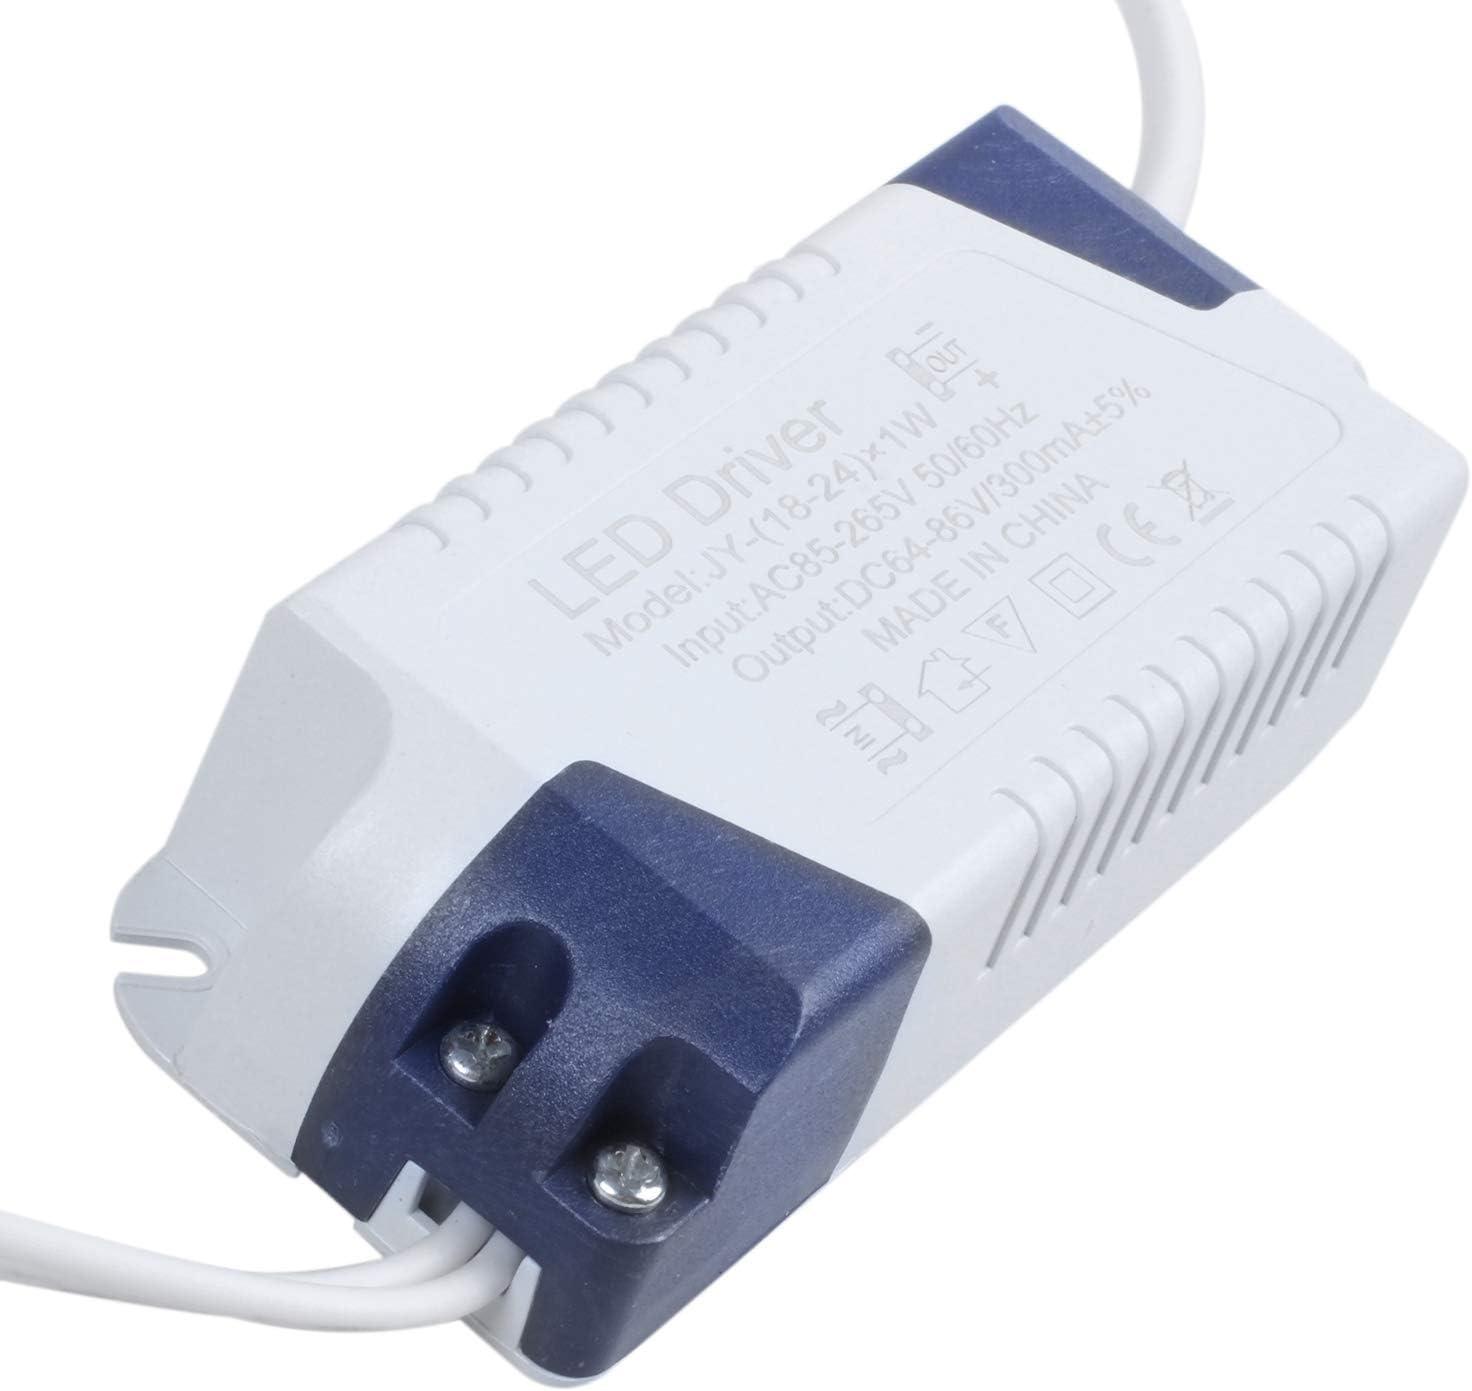 Semoic 18-24W 86-265V LED power driver